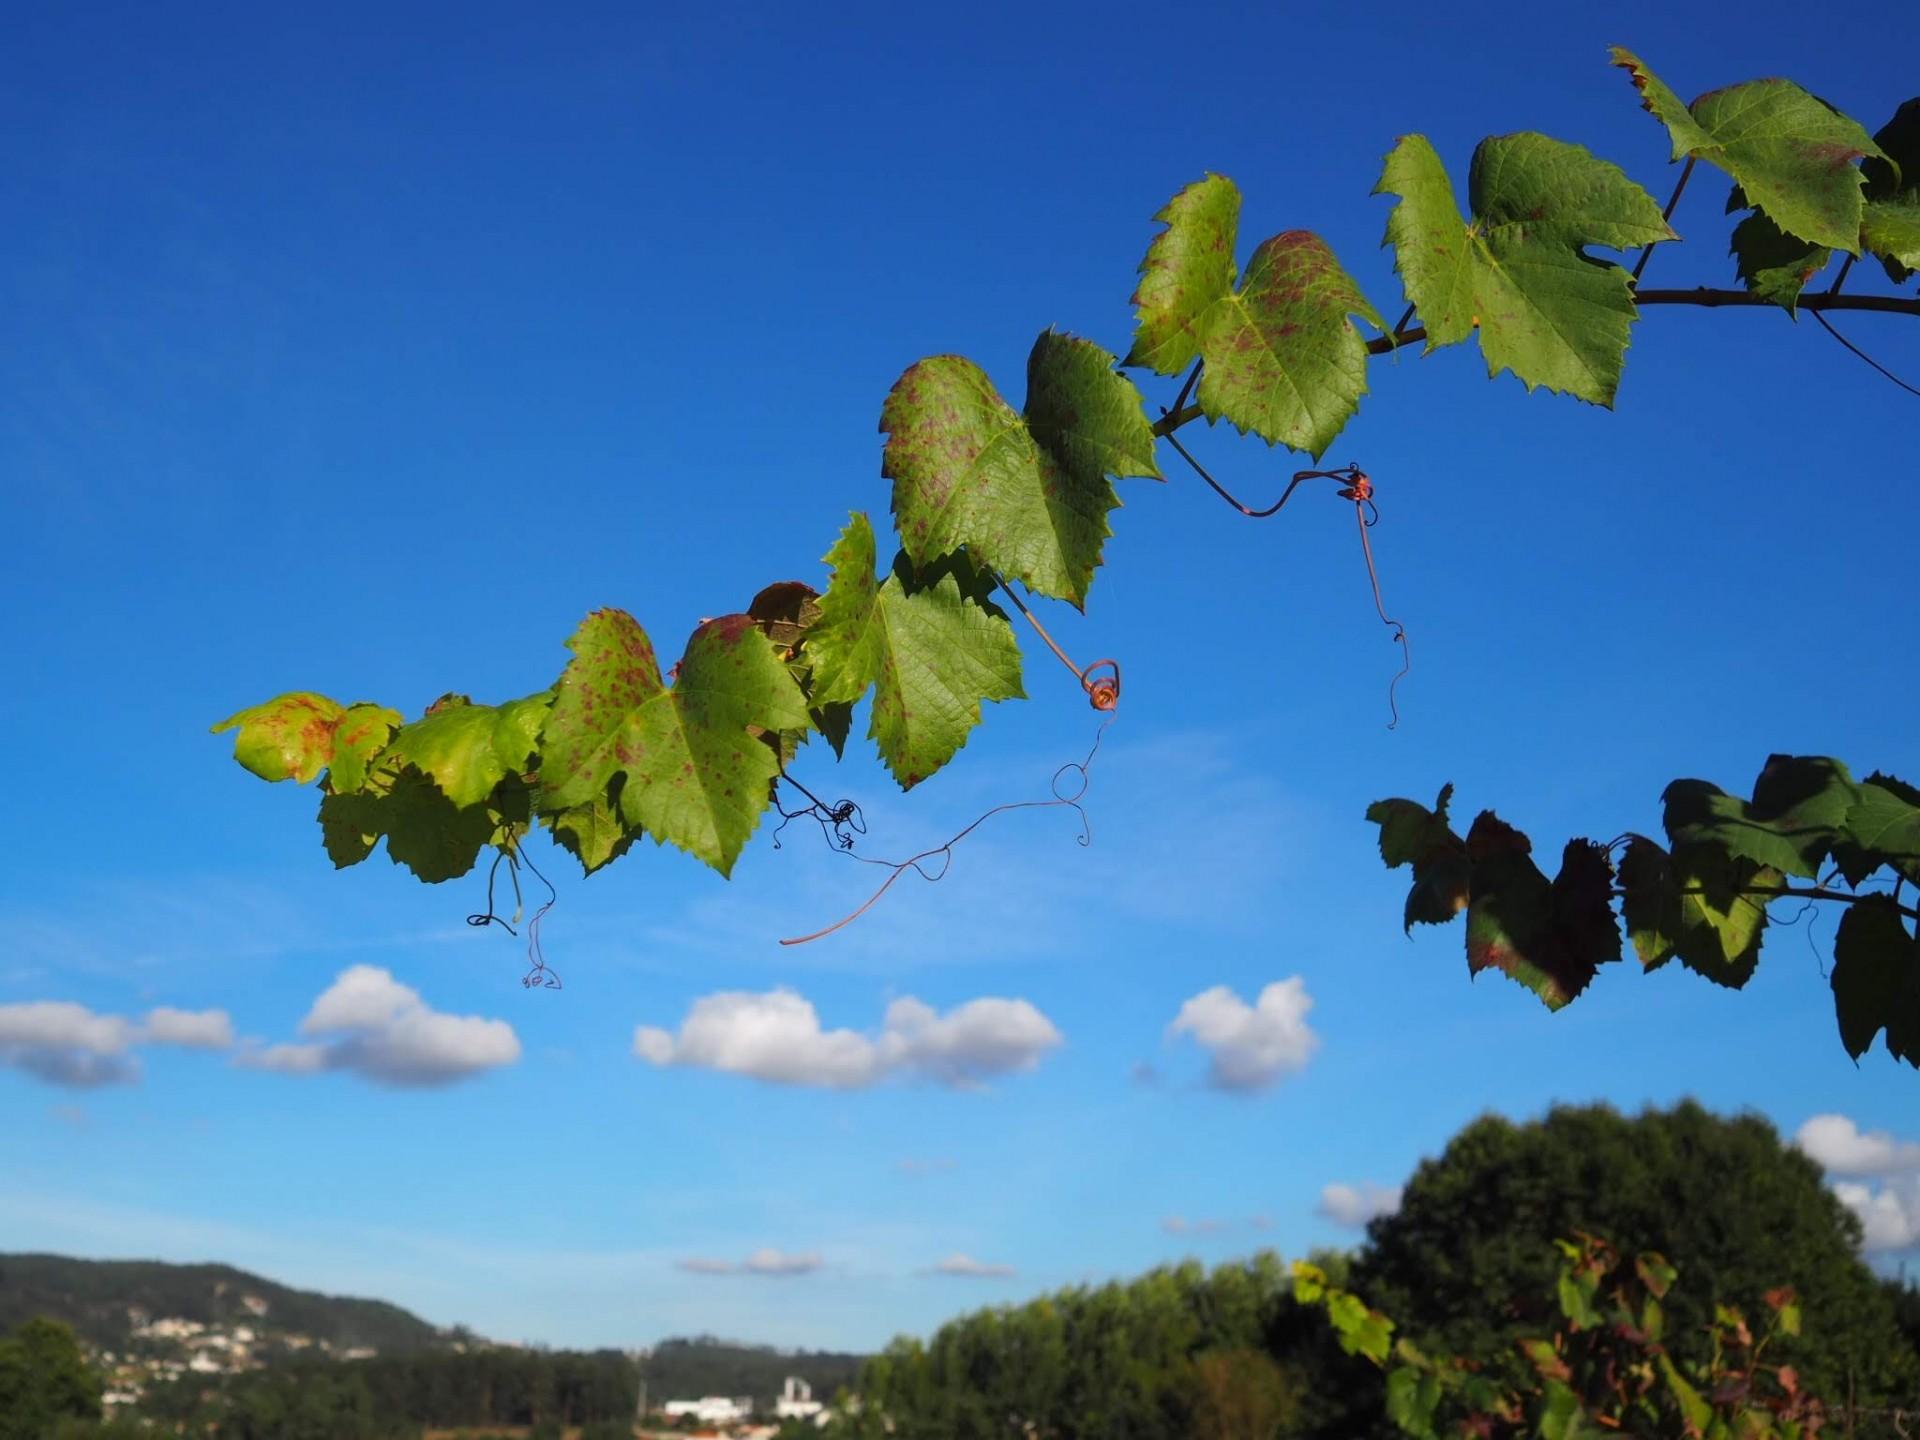 真っ青な空が美しいポルトガル!